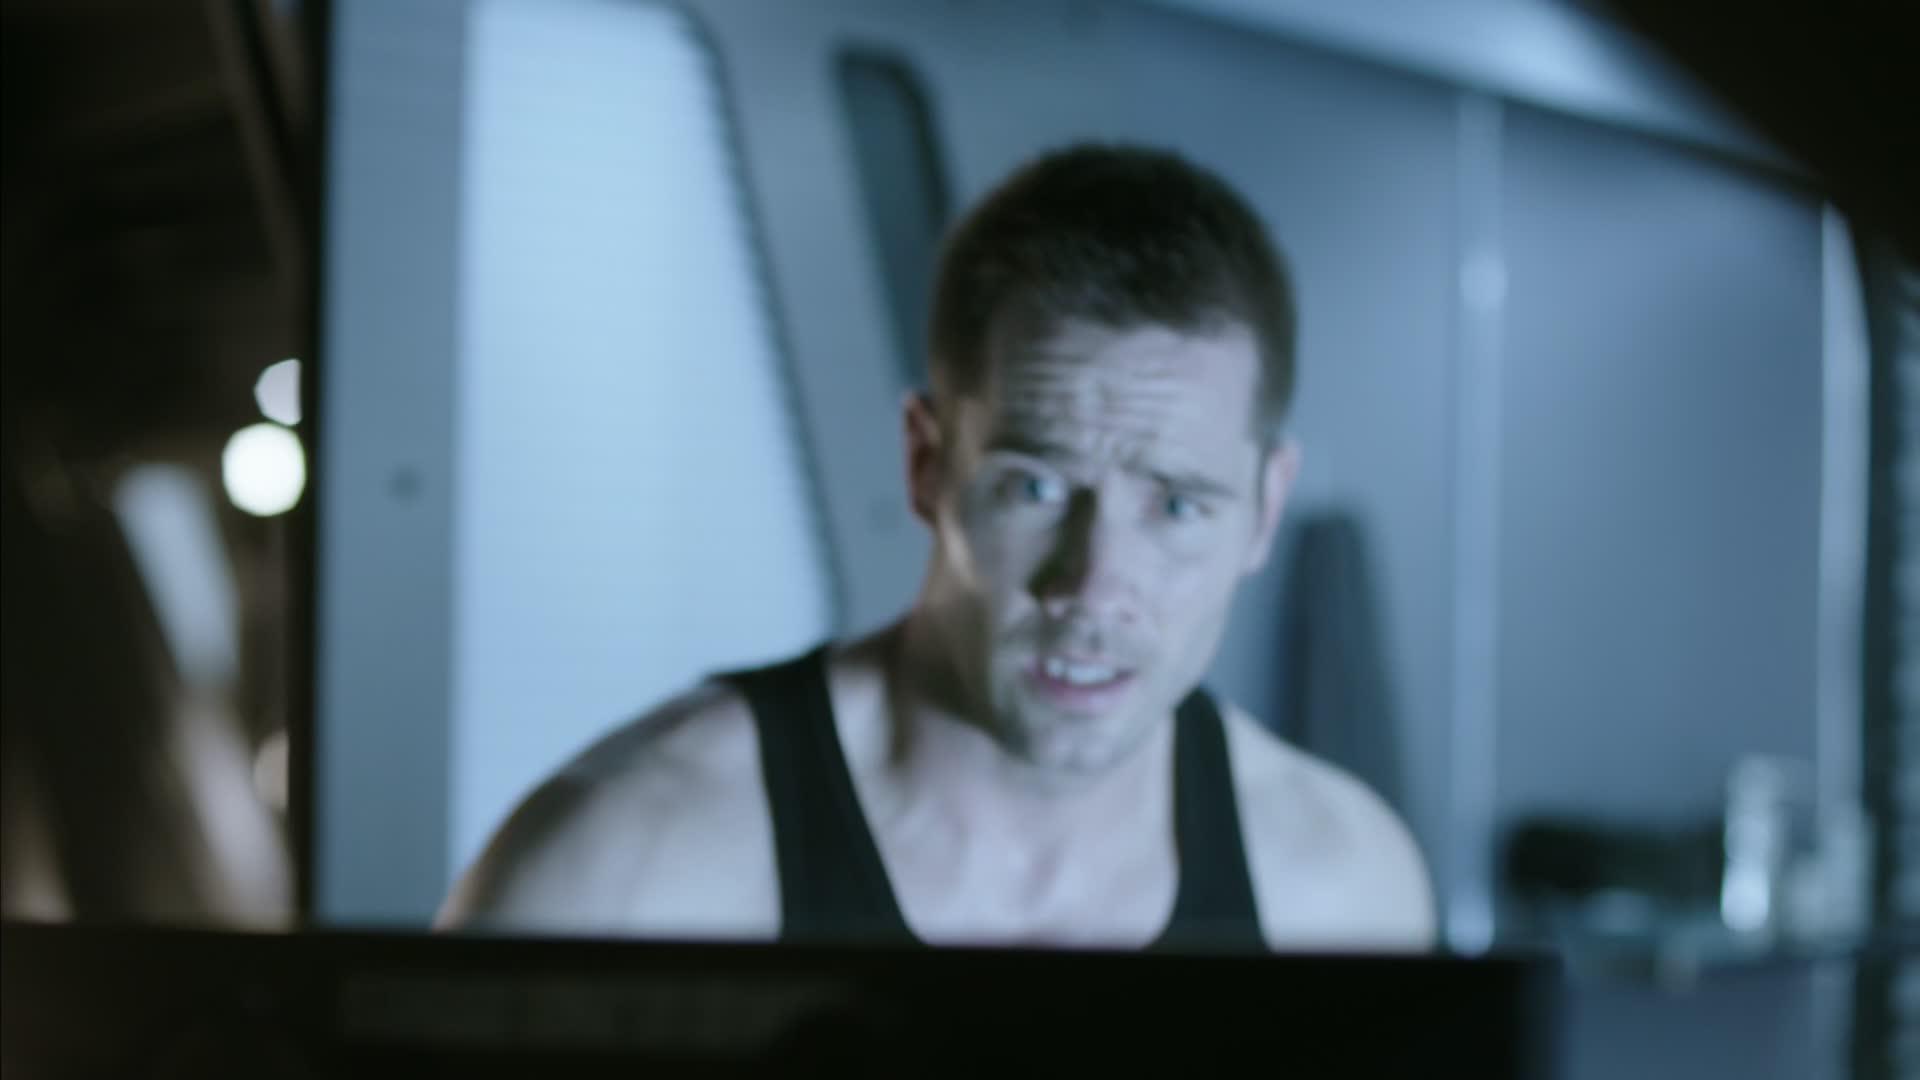 Killjoys Vesmirni lovci S01E05 CZ dabing HD